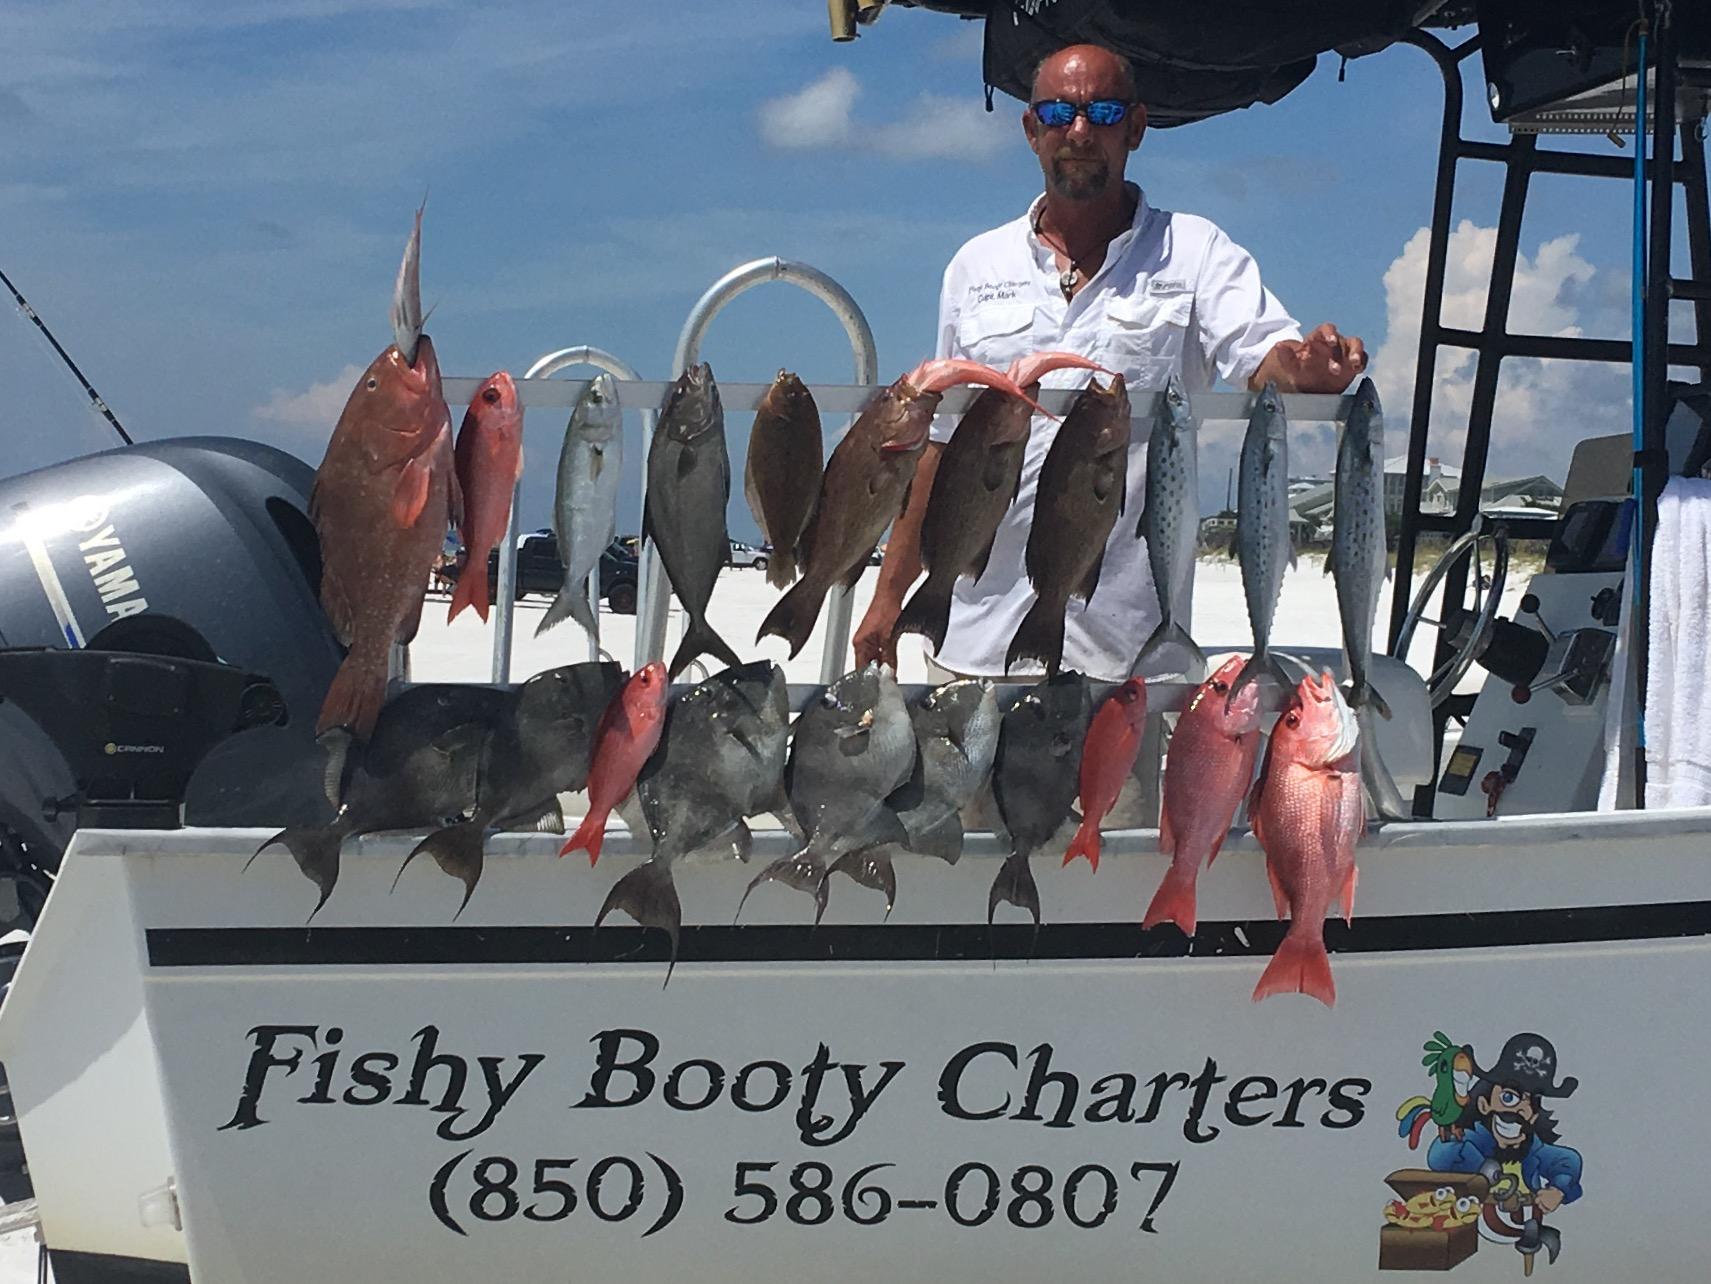 Fishy Booty Caharters - Grayton Beach Floria 30A SoWal Sep 04, 12 21 46 PM.jpg